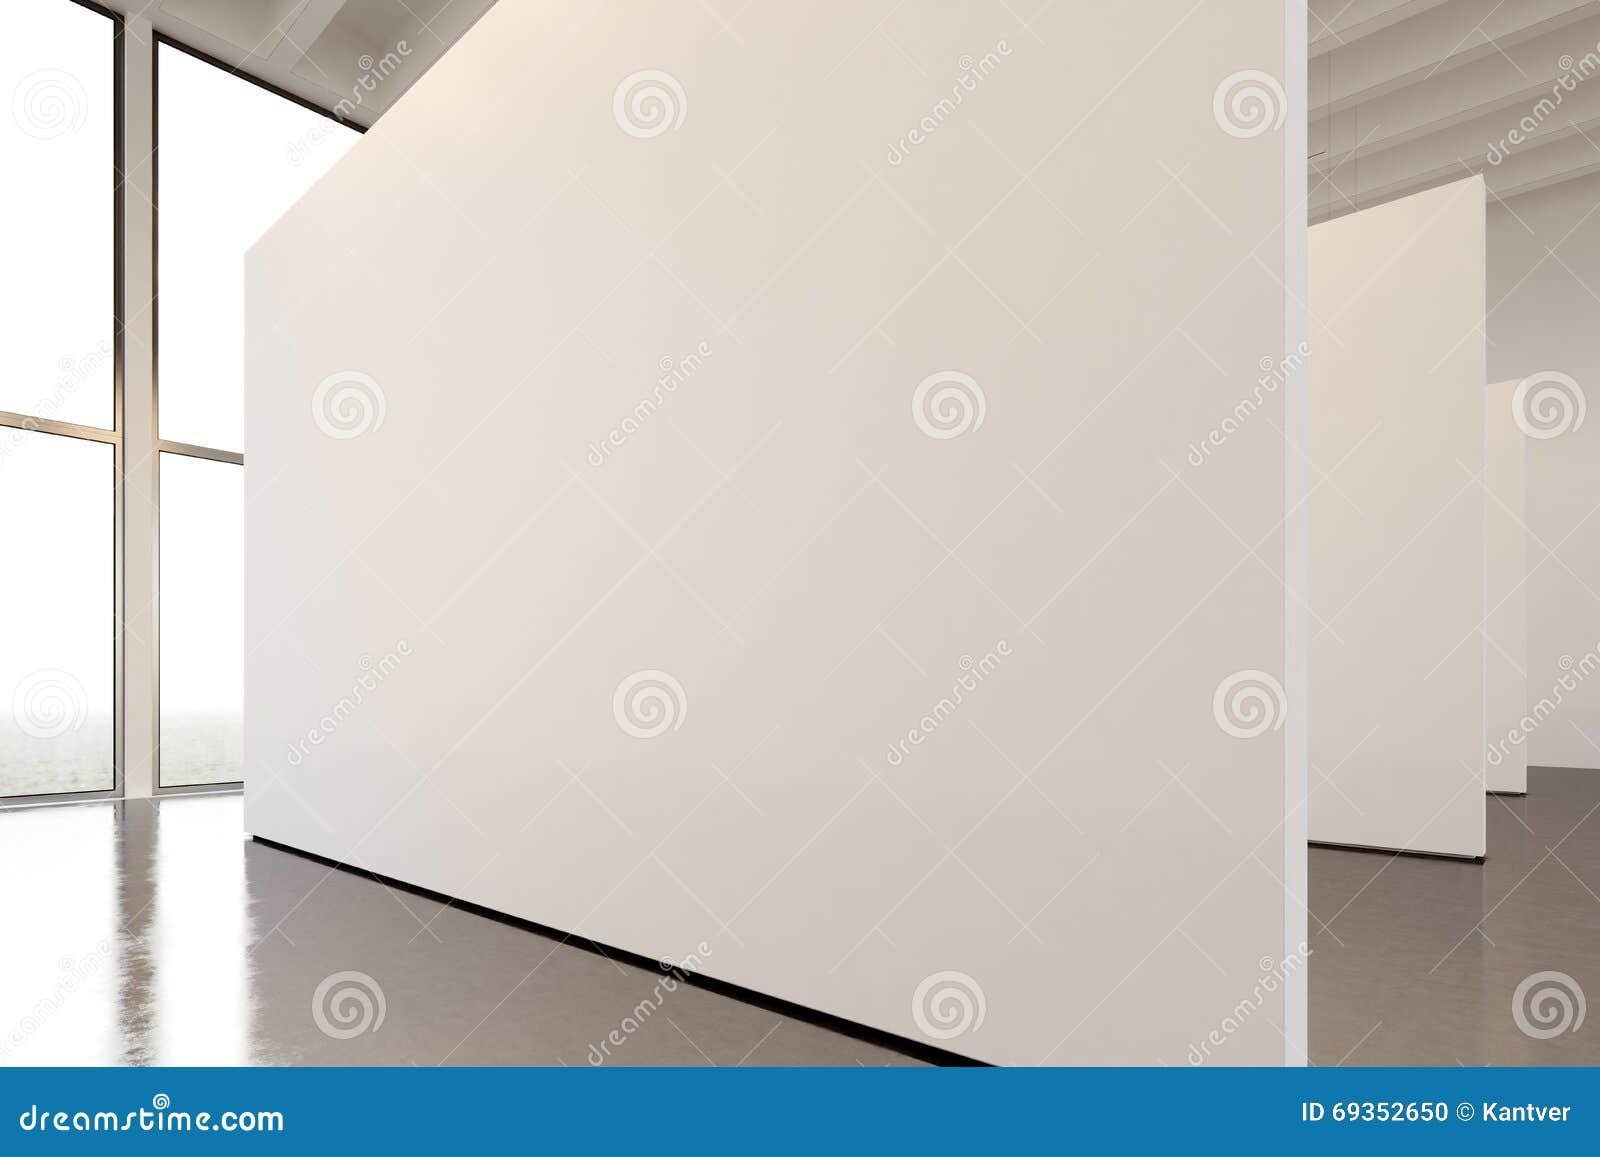 Galerie moderne de l espace d exposition de photo Grande toile vide blanche accrochant le Musée d Art contemporain Style intérieu